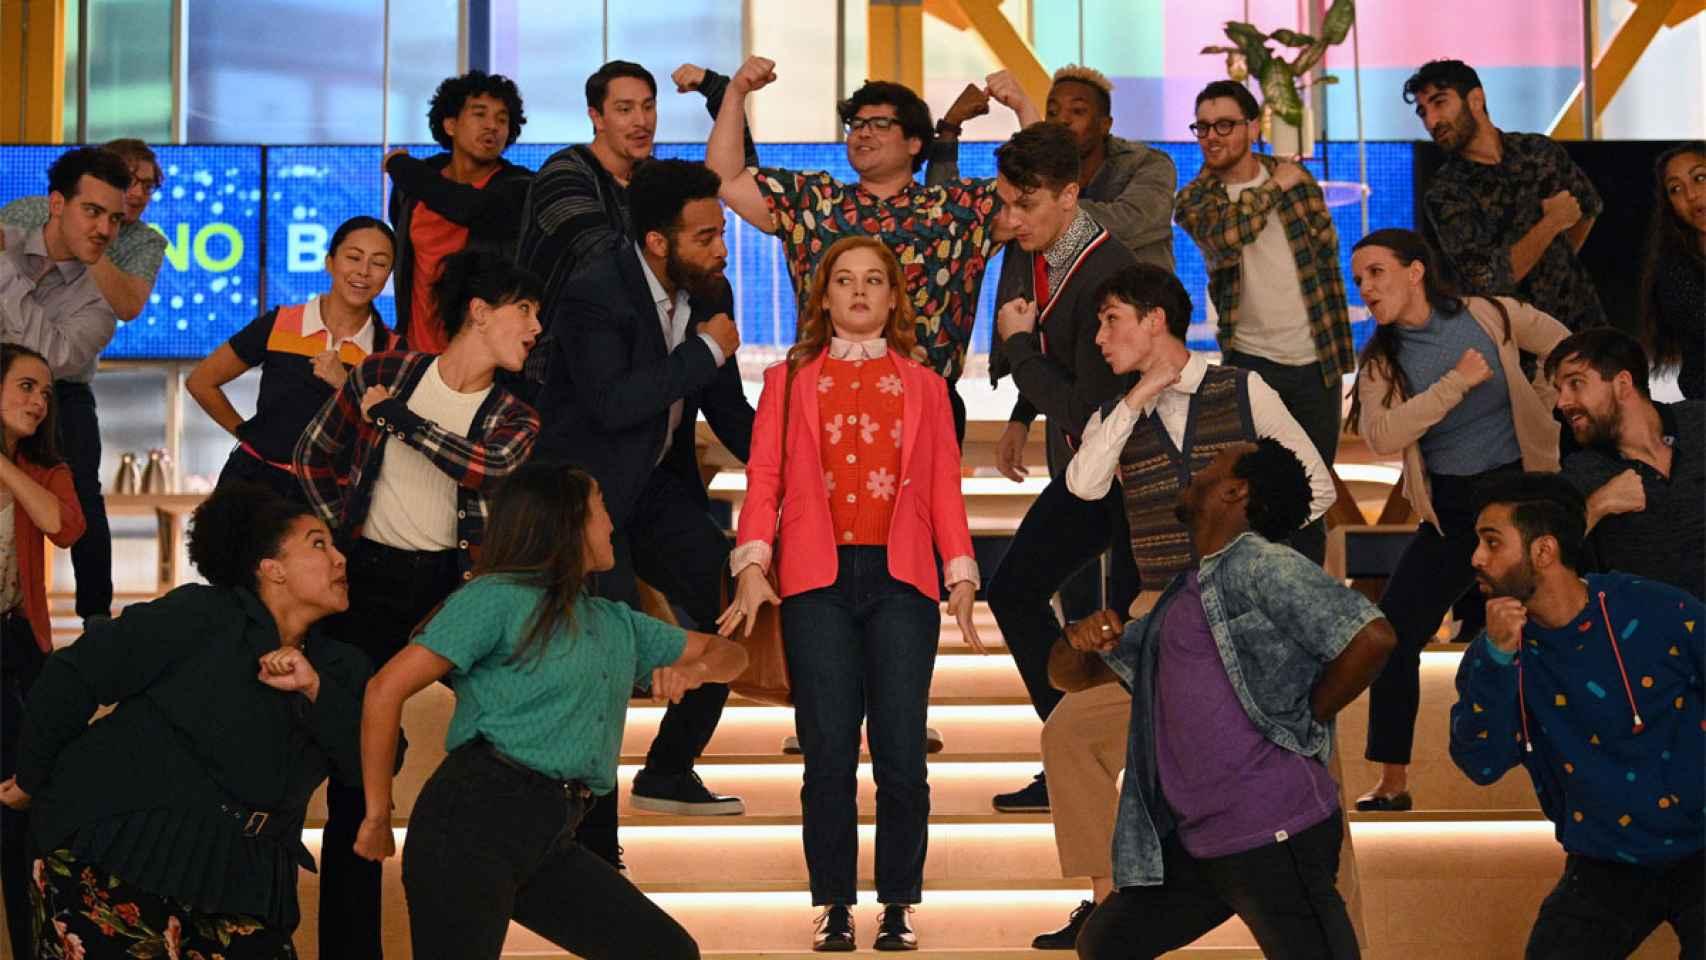 Imagen del primer episodio de la temporada 2 de 'La extraordinaria playlist de Zoey'